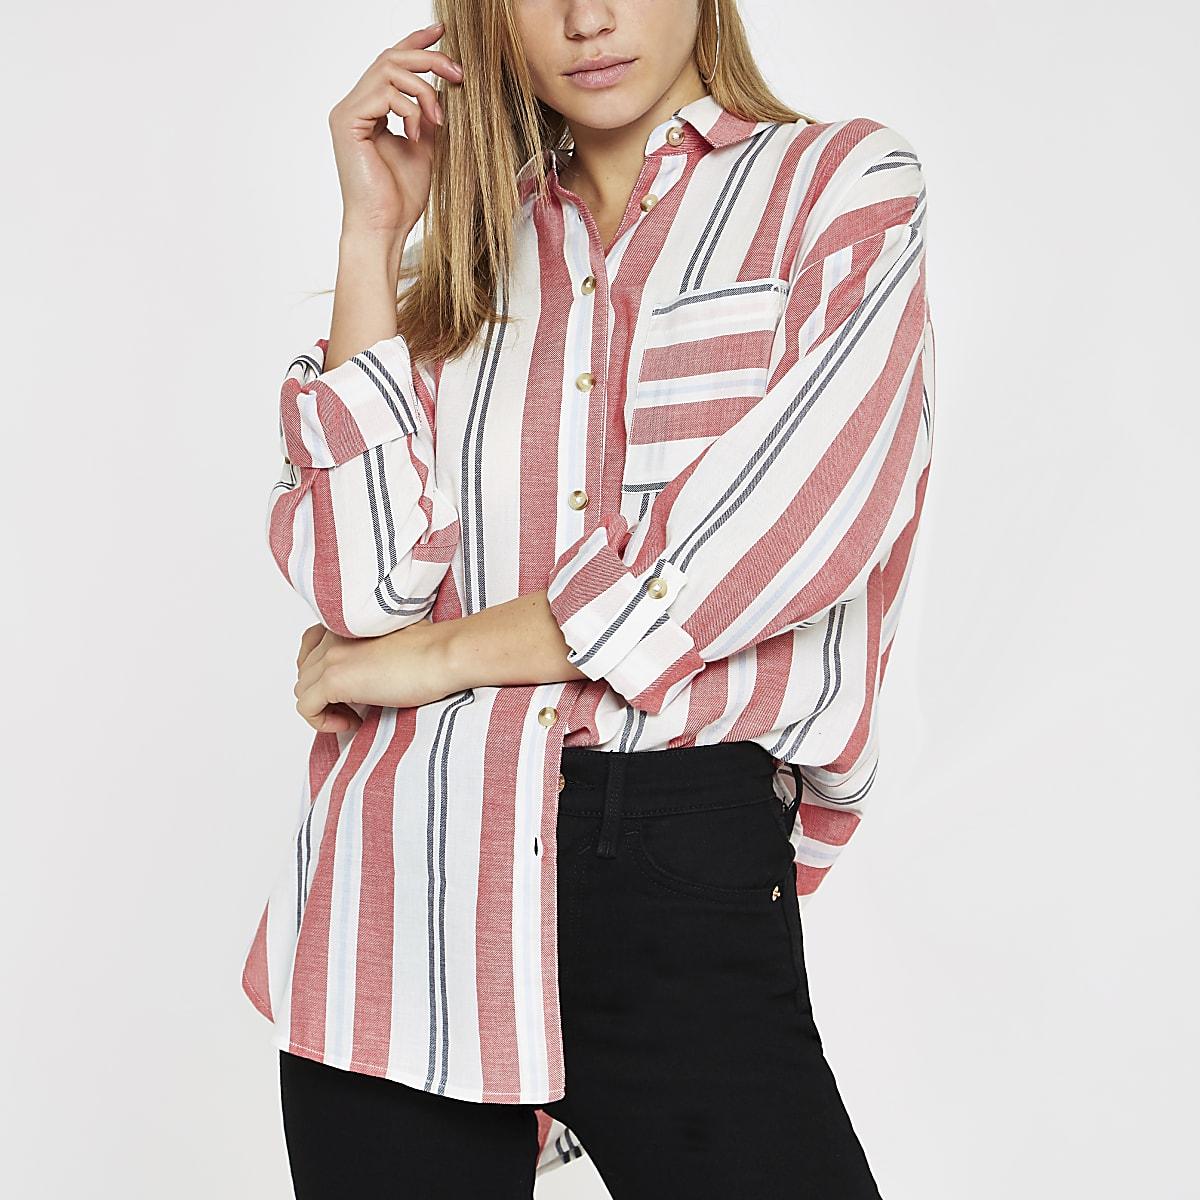 Gestreept Overhemd.Rood Gestreept Overhemd Met Lange Mouwen Overhemden Tops Dames